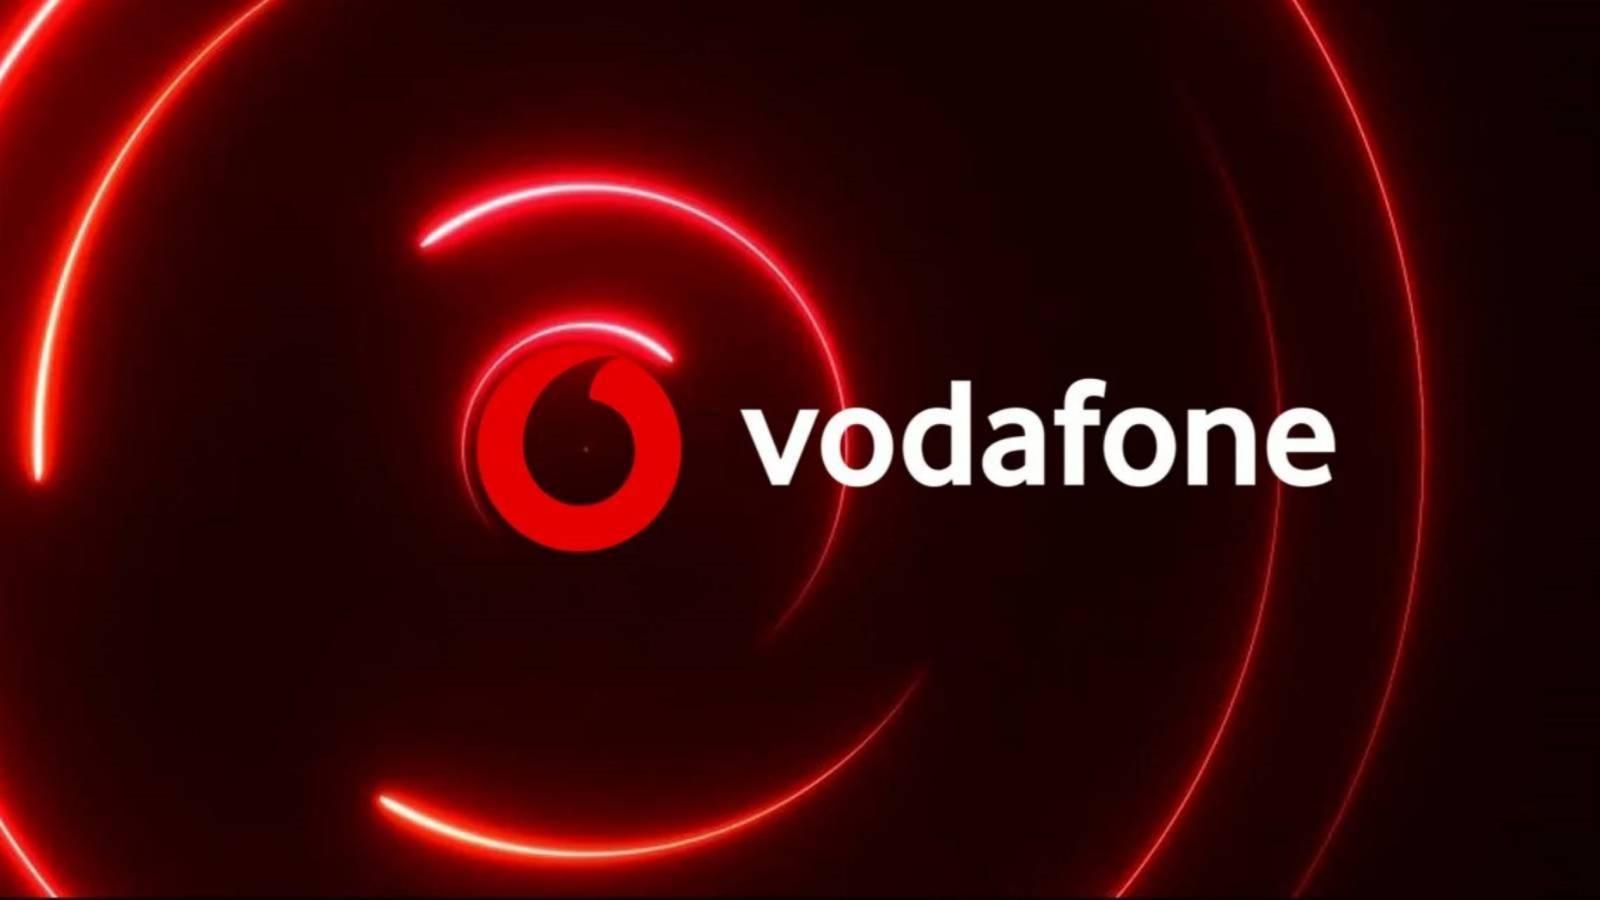 Vodafone loredana